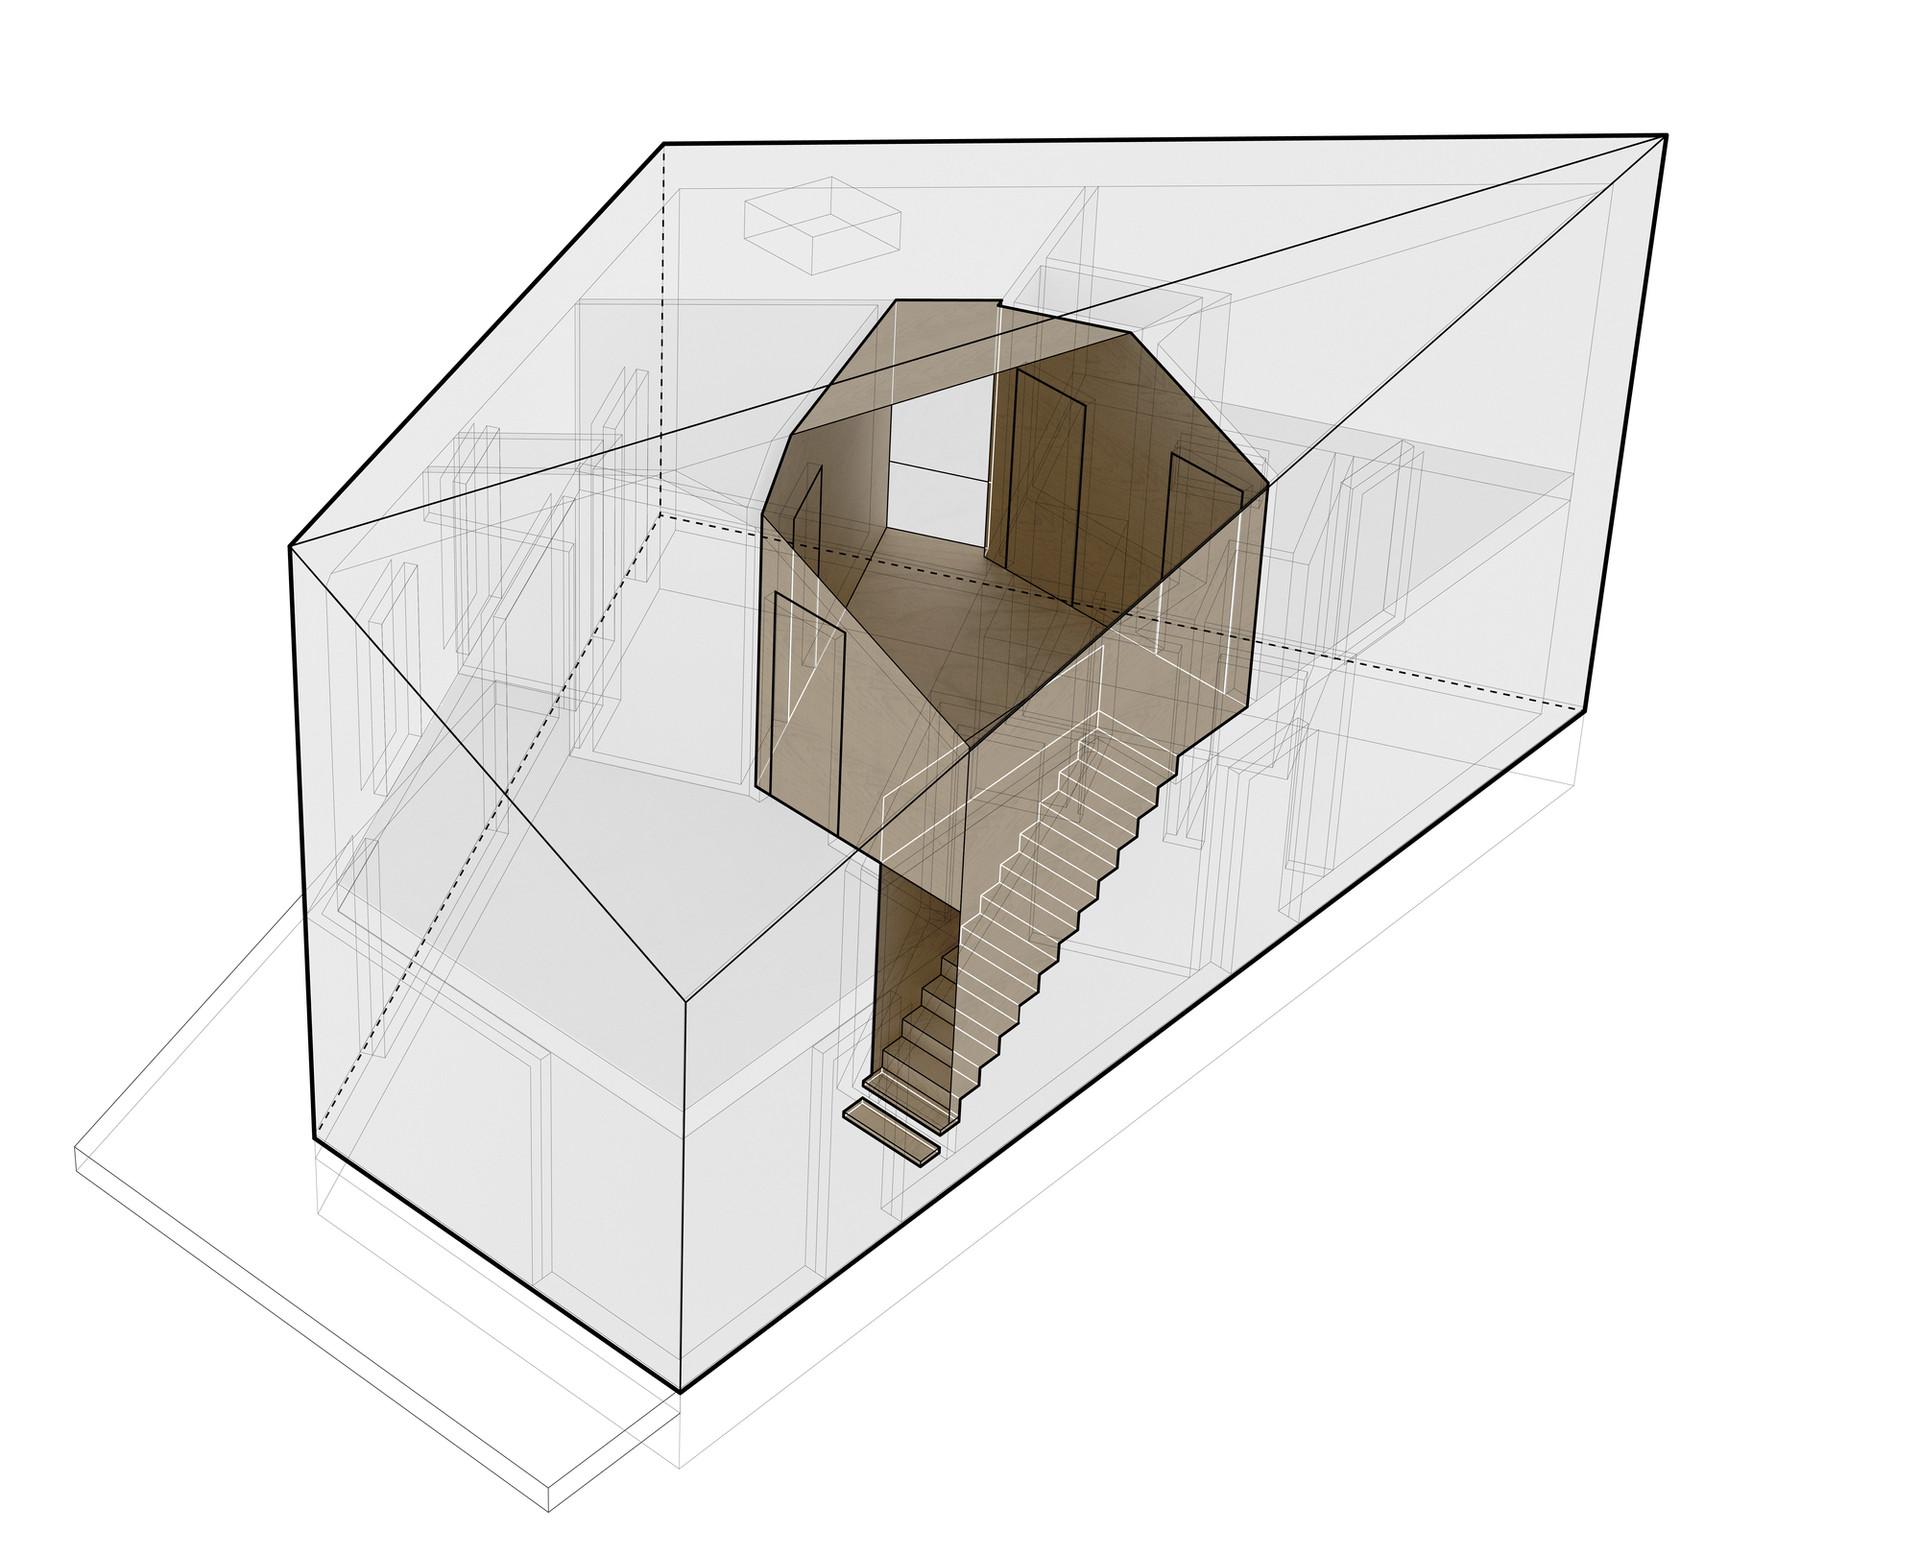 diagramr1-01.jpg